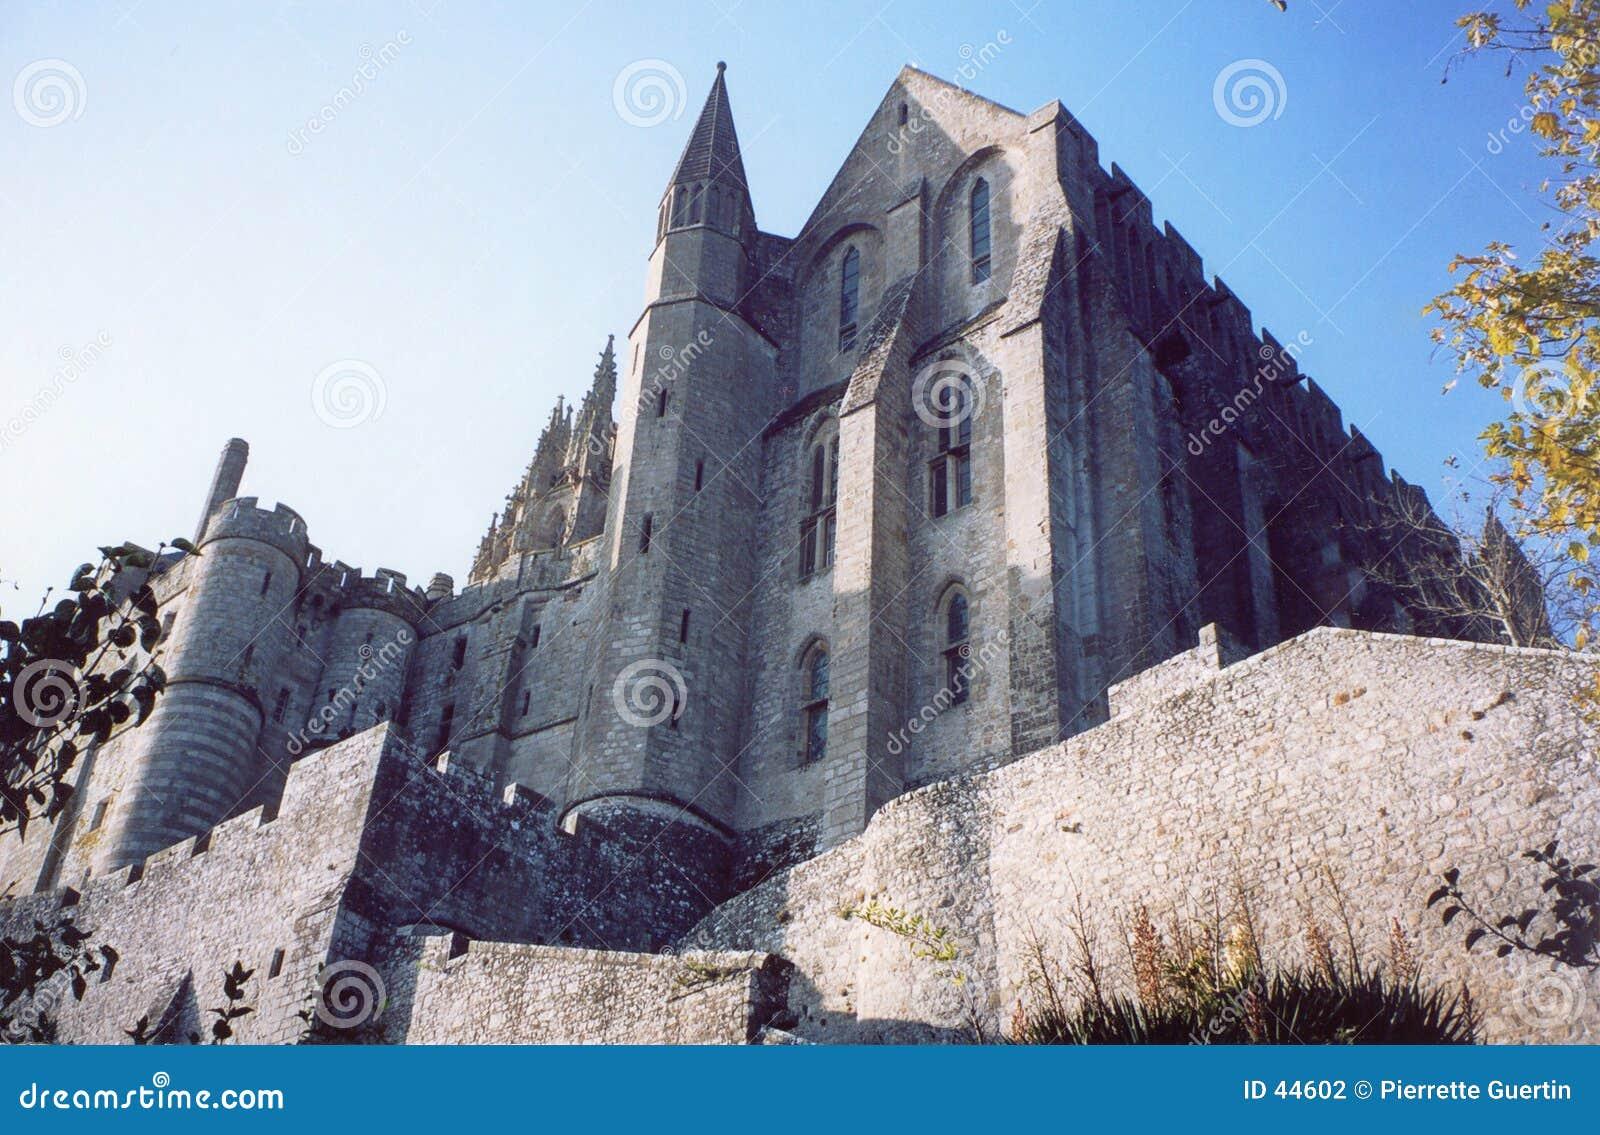 France michel montnormandy saint